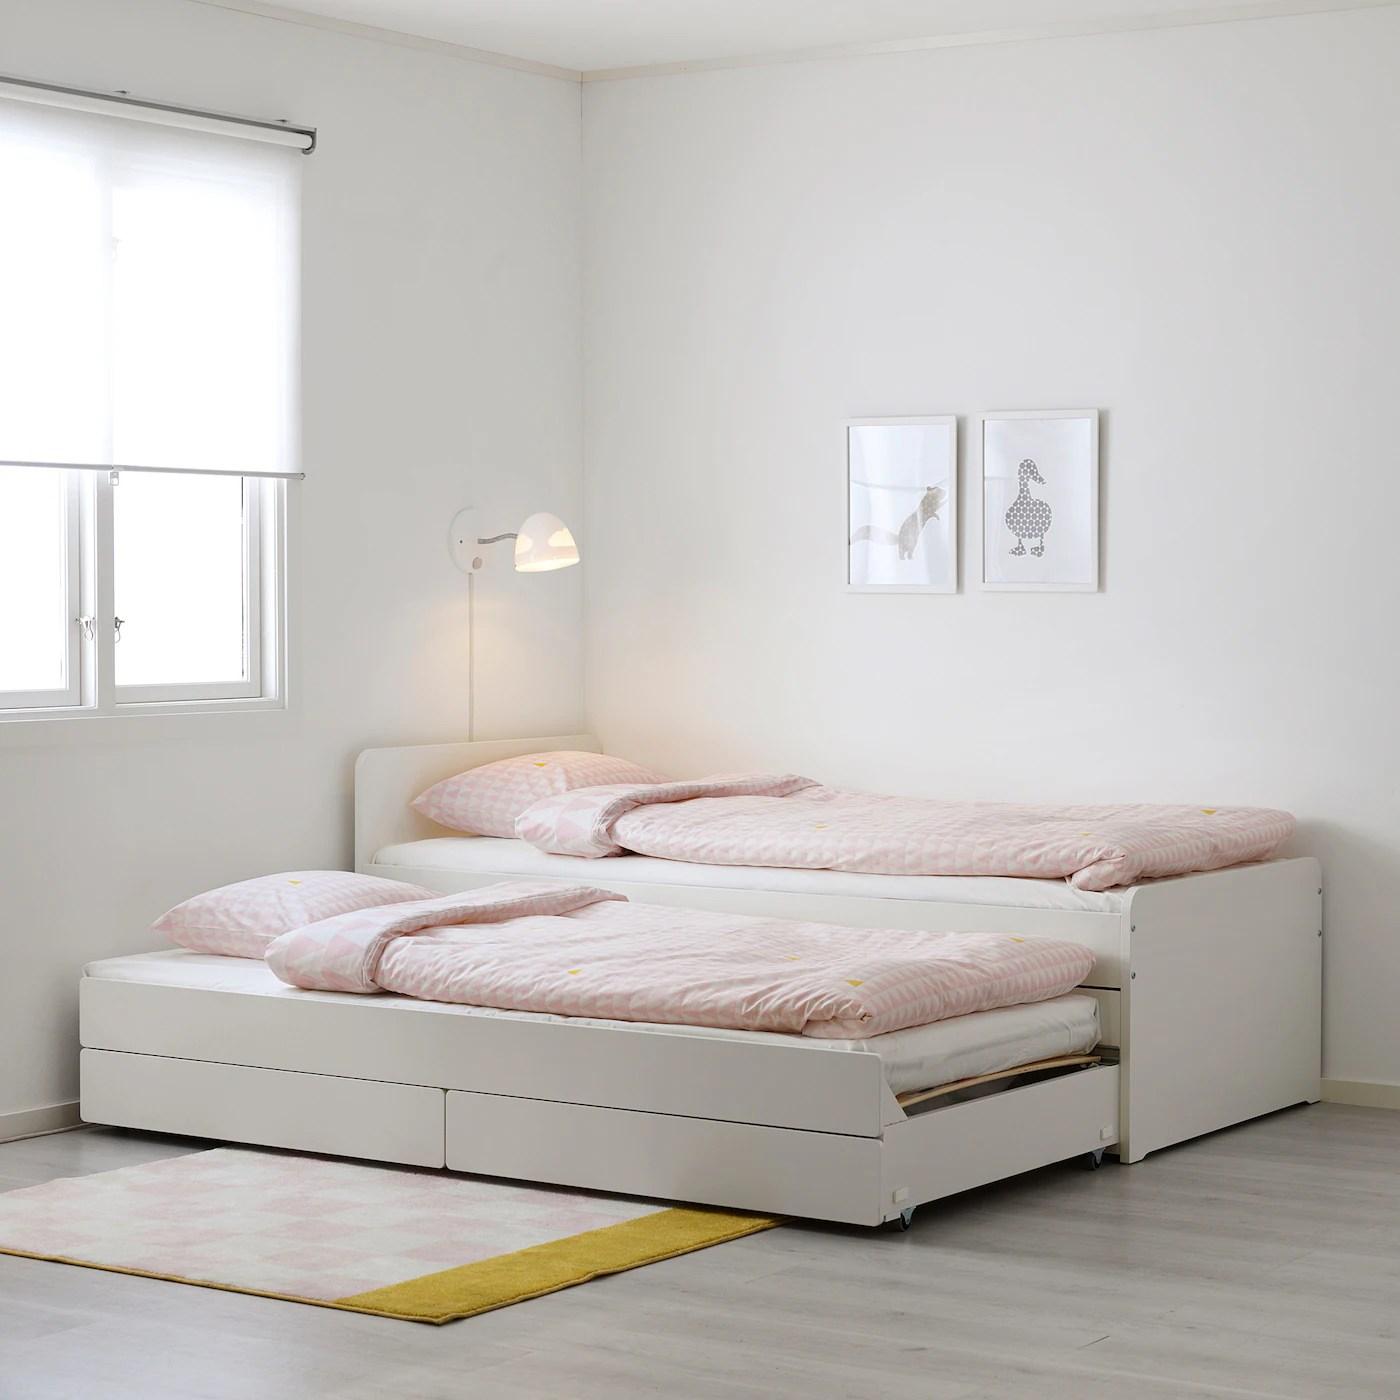 slakt lit tiroir rangement blanc une place